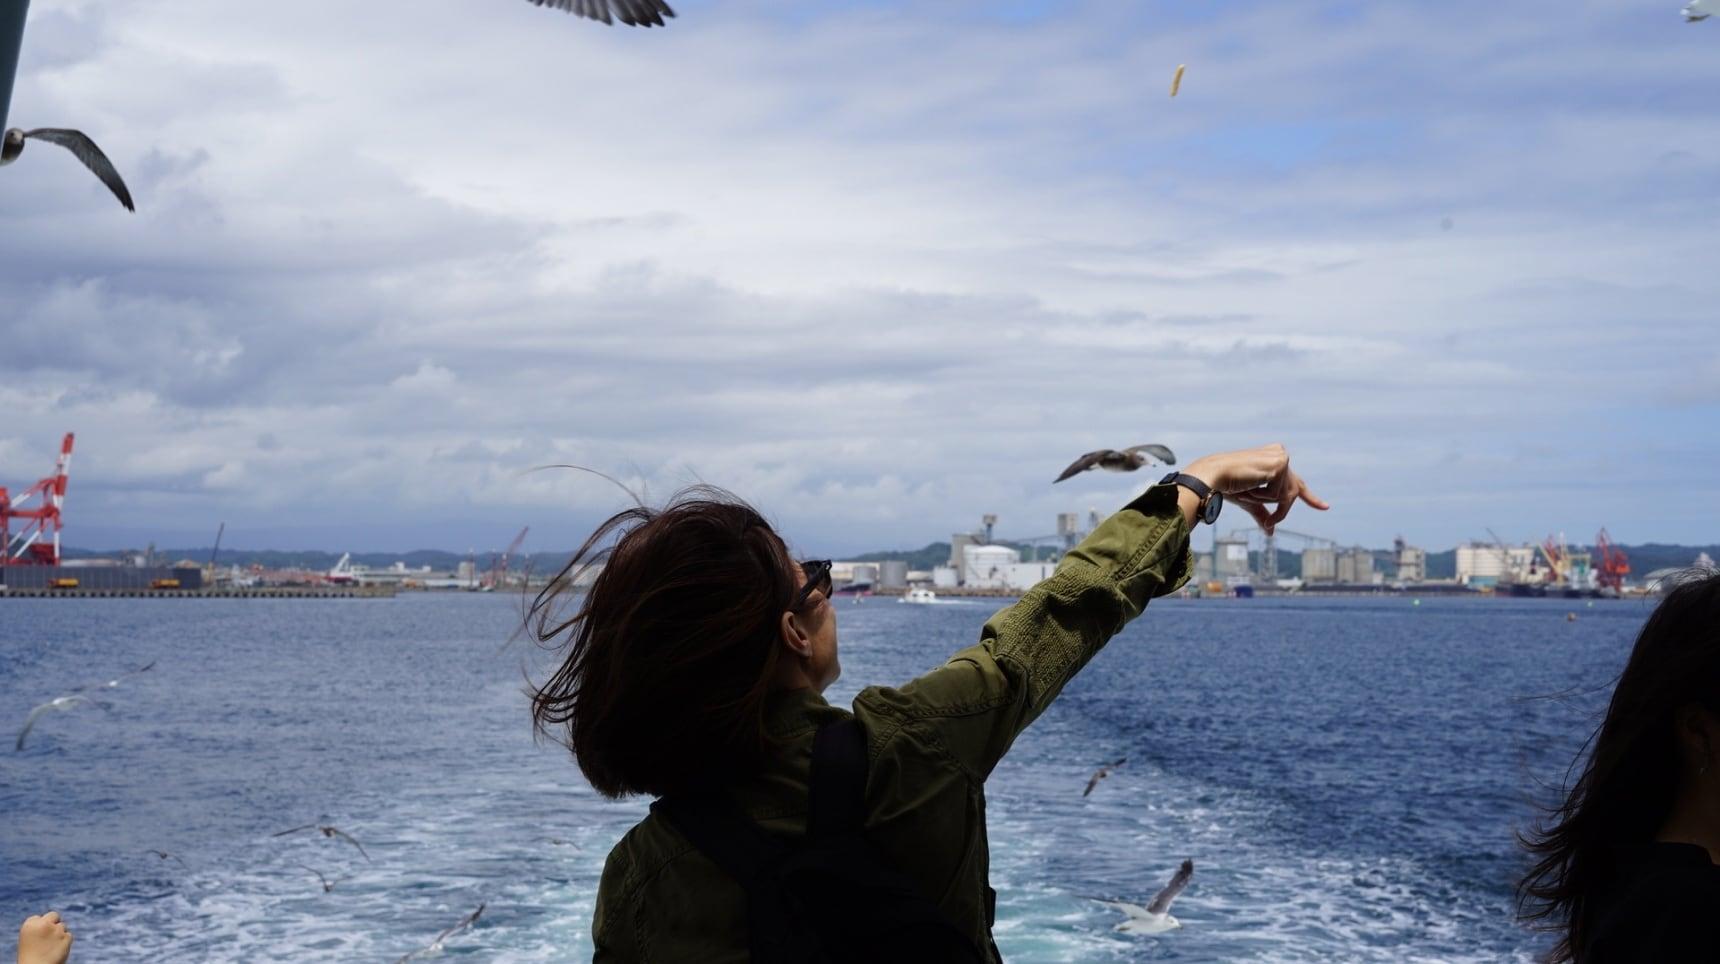 到福岛磐城逛鱼市吃海鲜~海洋体验一日游